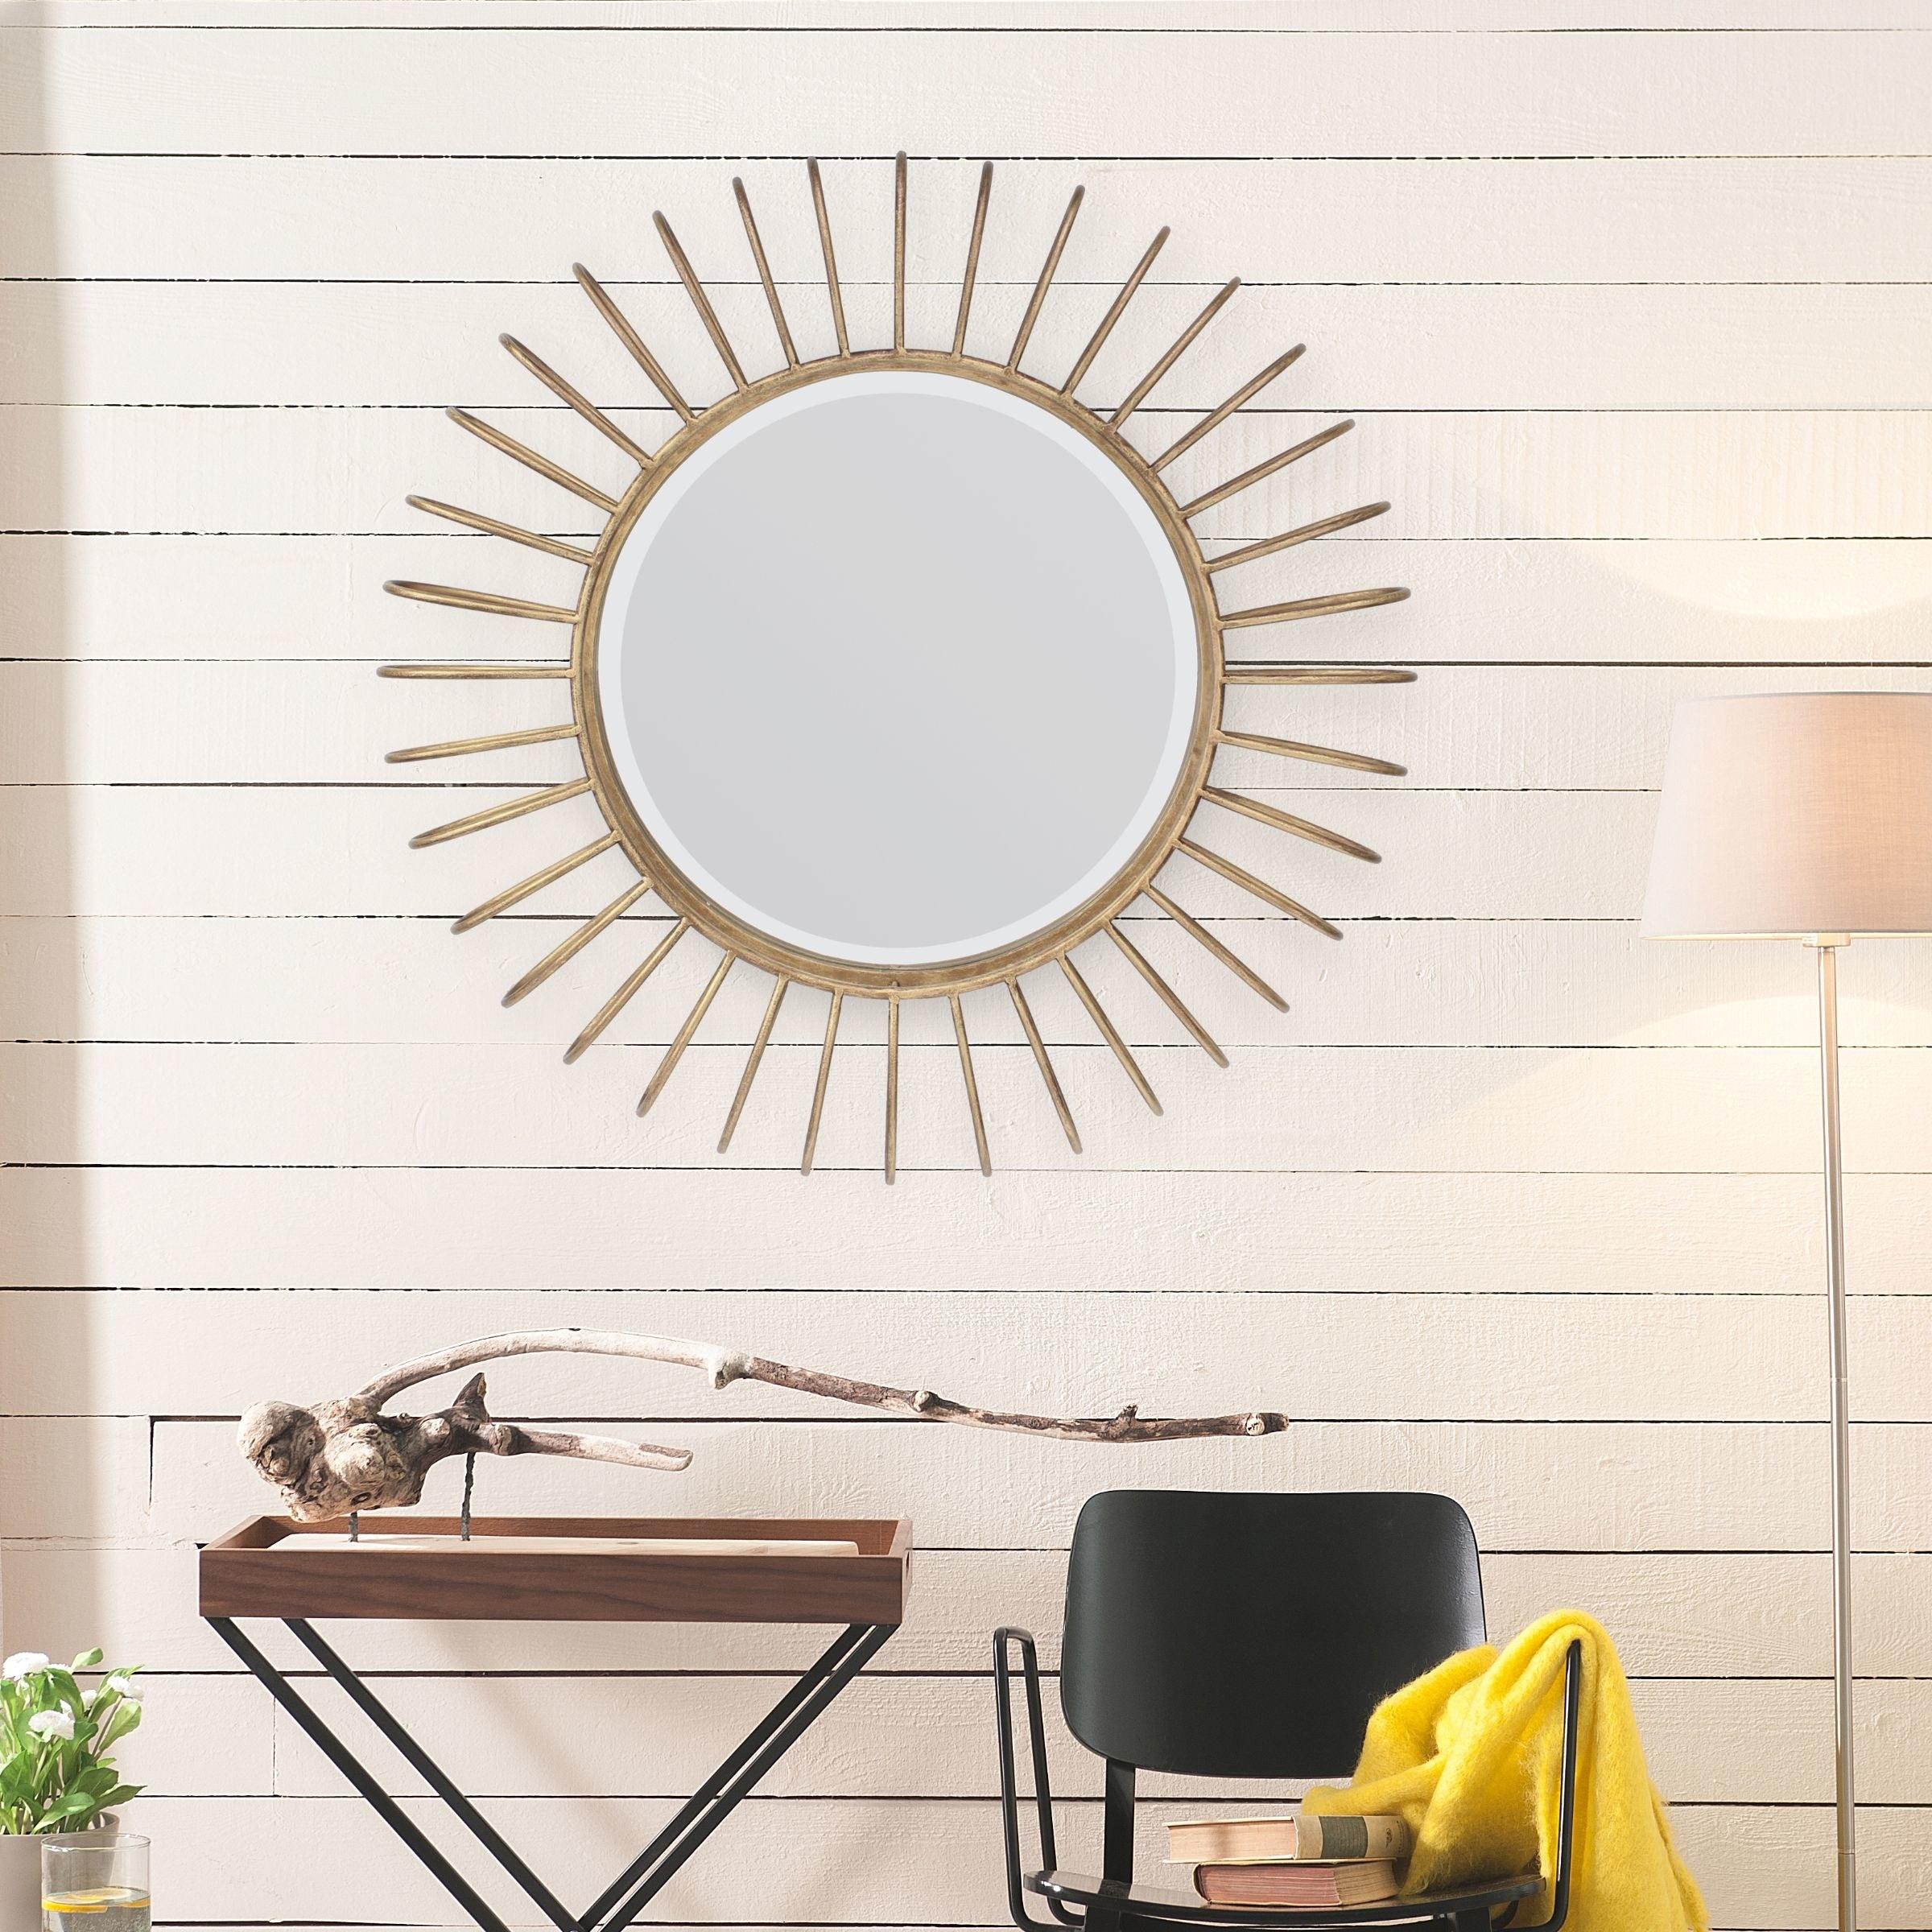 Gold round metal mirror